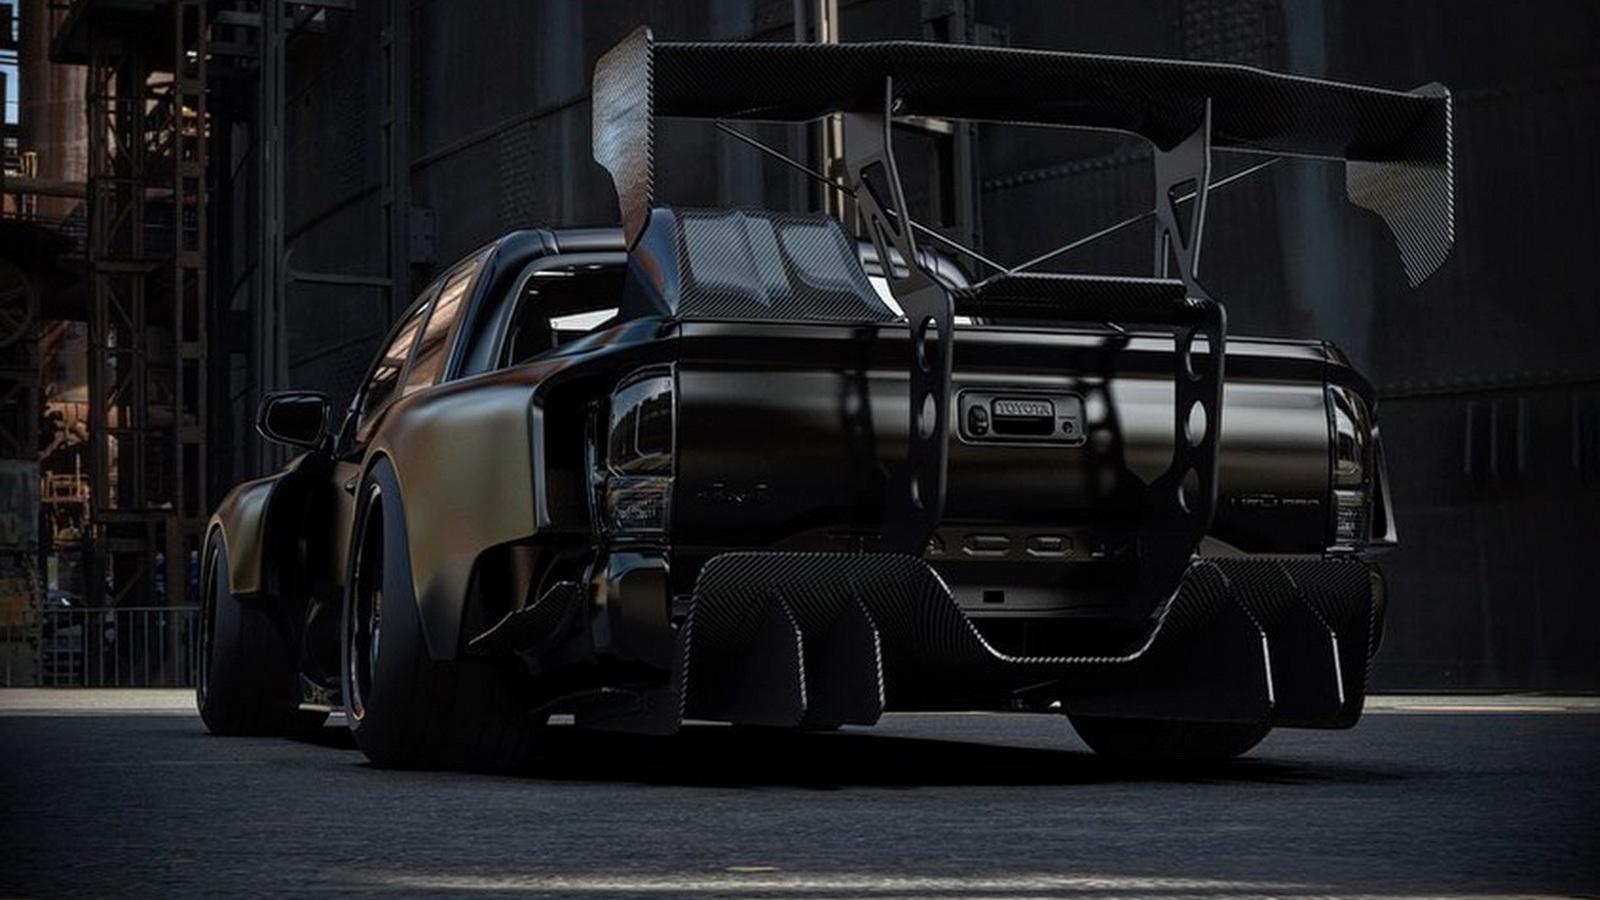 Пикап Toyota Takoma превратили в один из самых диких дрифт-каров в мире